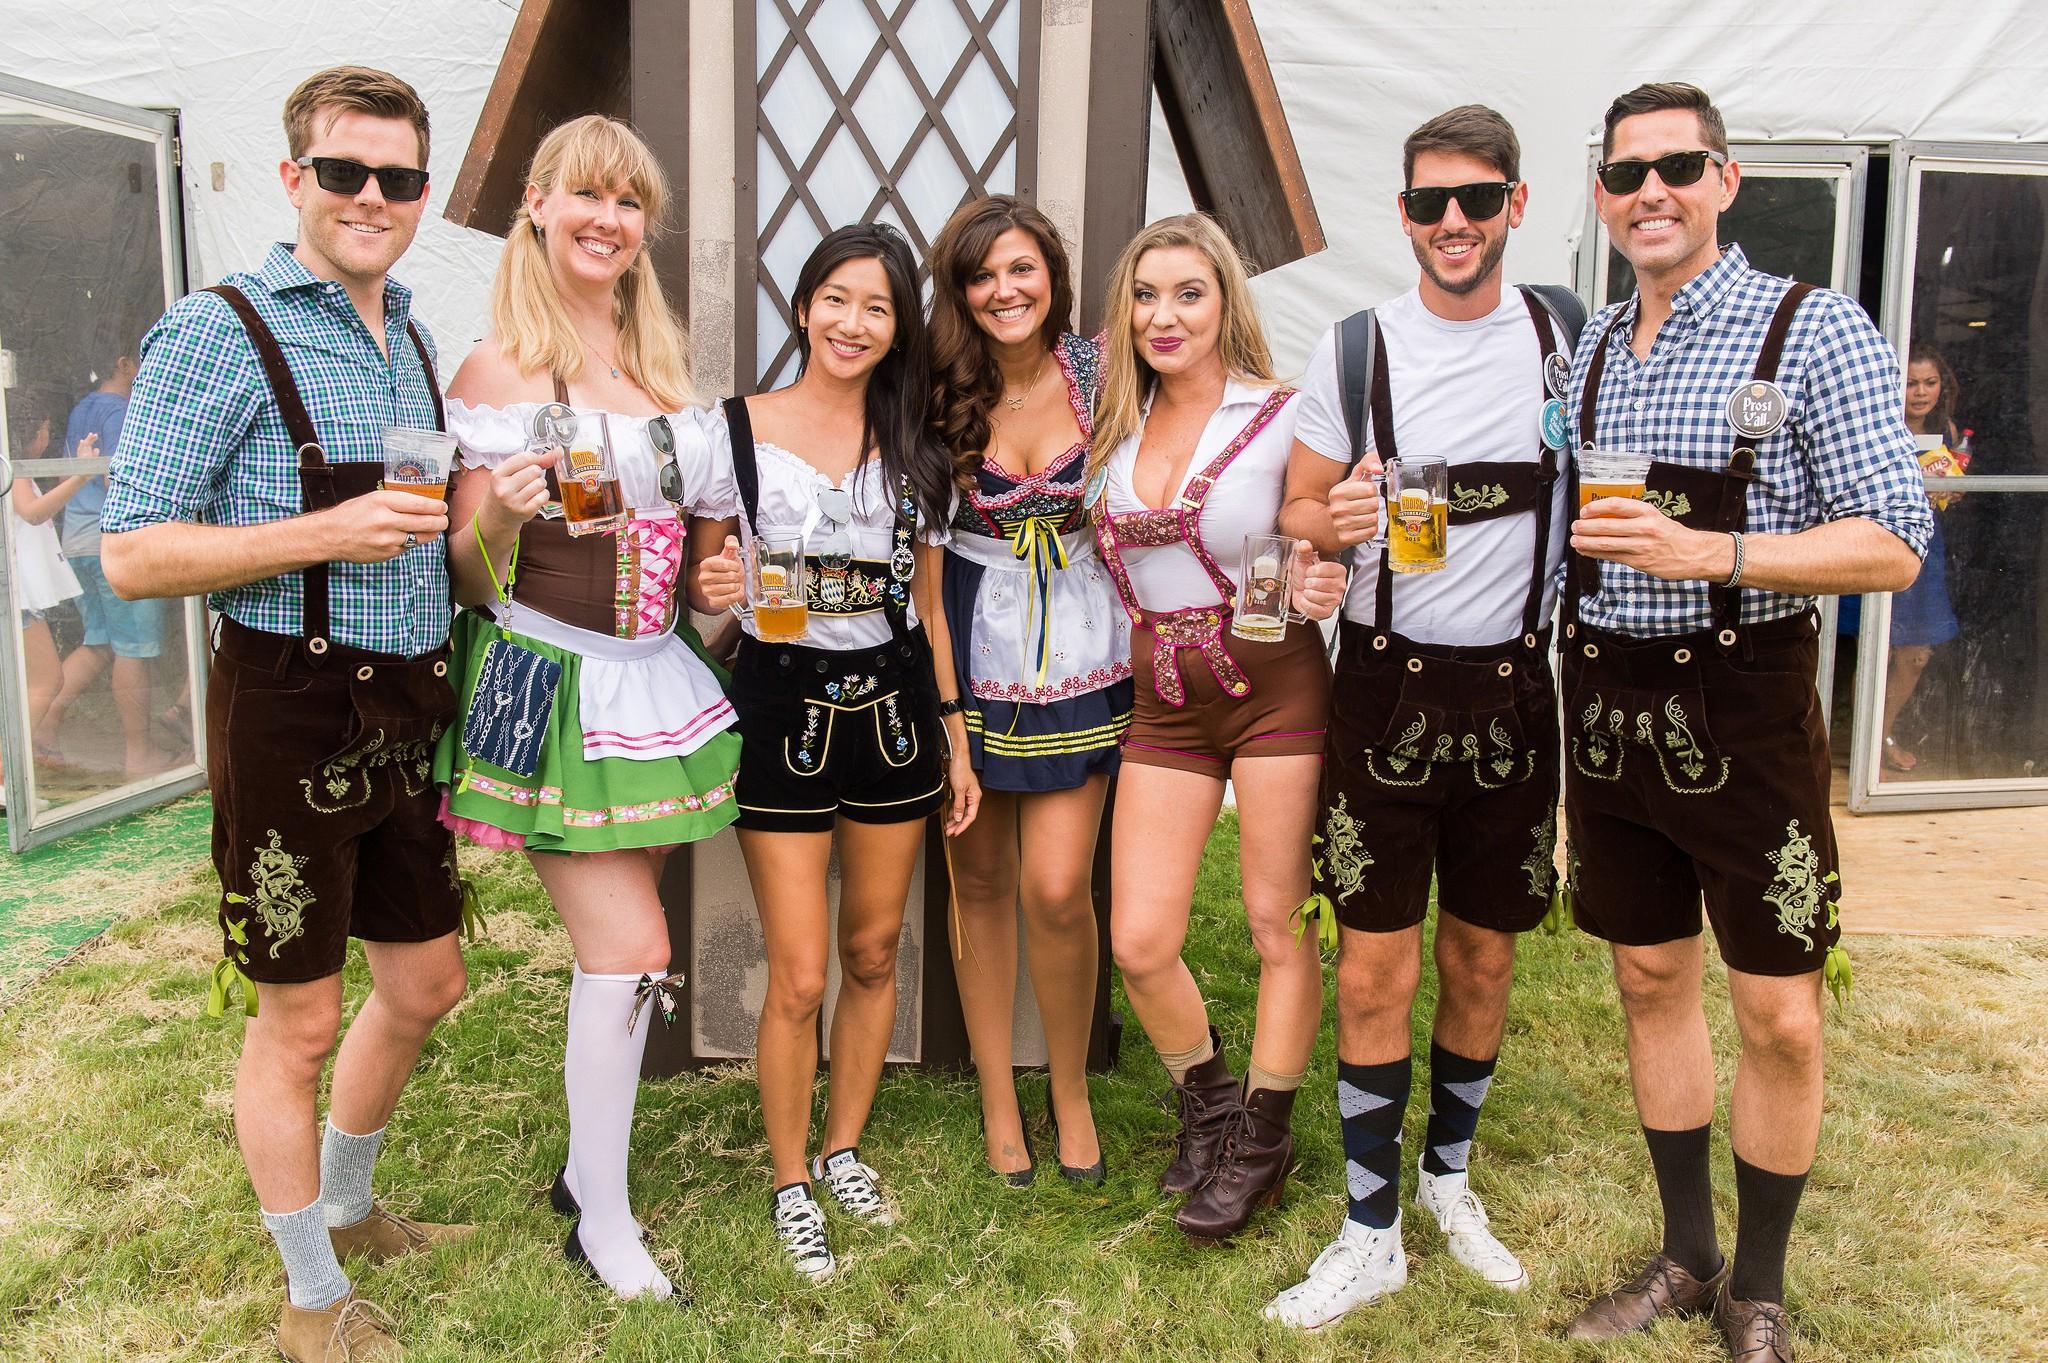 HQ Oktoberfest Wallpapers | File 1110.19Kb